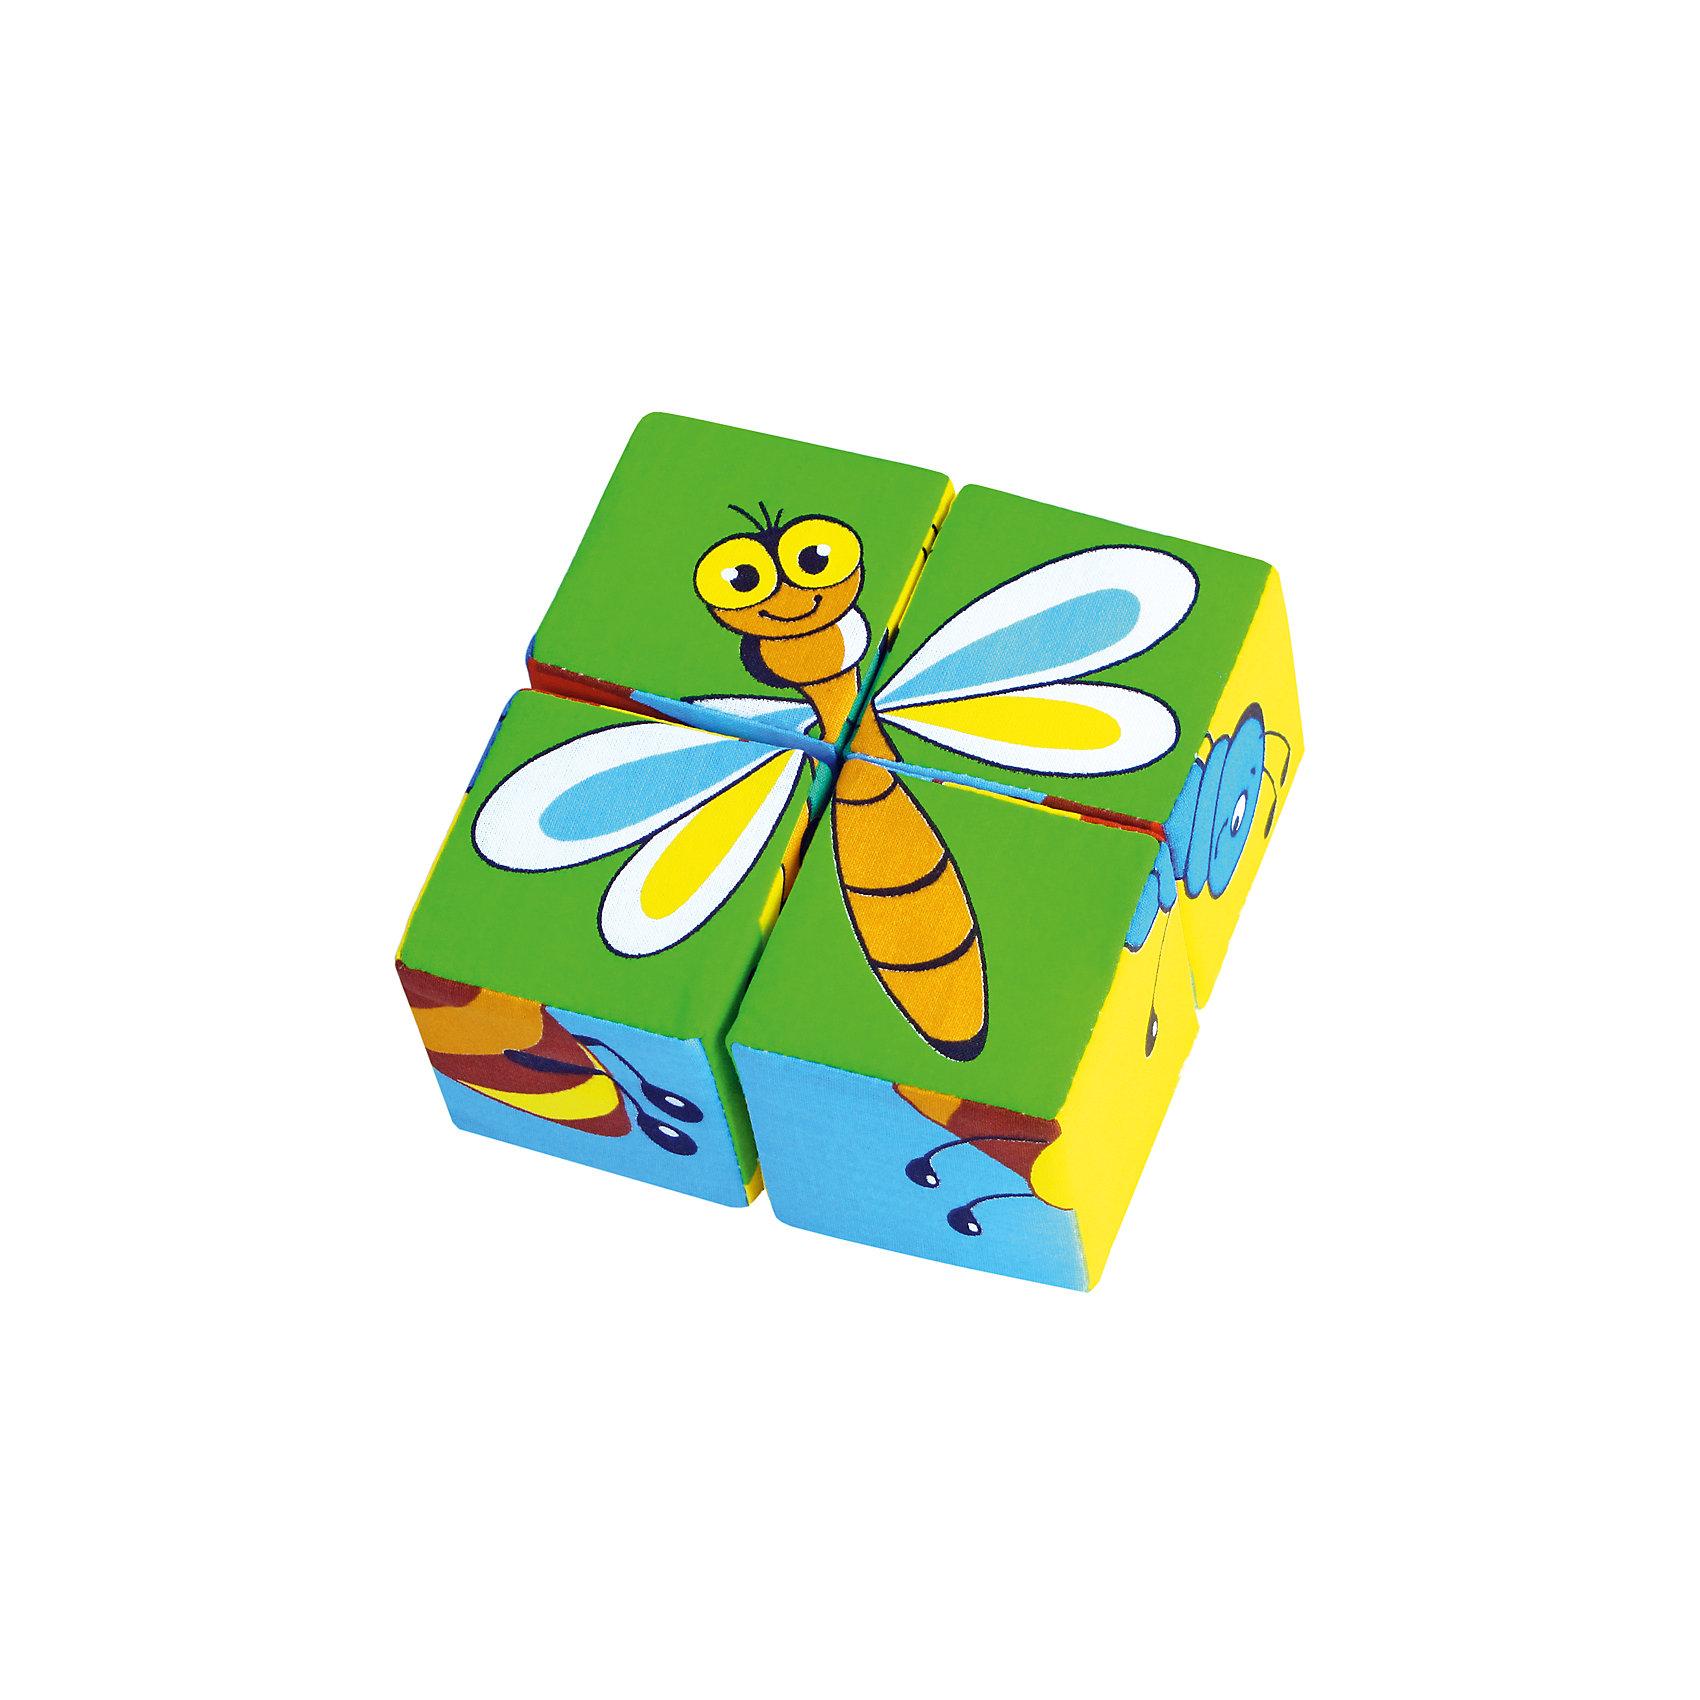 Кубики Собери картинку - насекомые, МякишиМягкие игрушки<br>Характеристики товара:<br><br>• материал: хлопок, поролон<br>• комплектация: 4 шт<br>• размер игрушки: 6 см<br>• можно собрать шесть насекомых<br>• развивающая игрушка<br>• упаковка: пакет<br>• страна бренда: РФ<br>• страна изготовитель: РФ<br><br>Малыши активно познают мир и тянутся к новой информации. Чтобы сделать процесс изучения окружающего пространства интереснее, ребенку можно подарить развивающие игрушки. В процессе игры информация усваивается намного лучше!<br>Такие кубики помогут занять малыша, играть ими приятно и весело. Одновременно они позволят познакомиться со многими цветами, фактурами, а также из них можно собрать шесть насекомых. Такие игрушки развивают тактильные ощущения, моторику, цветовосприятие, логику, воображение, учат фокусировать внимание. Каждое изделие абсолютно безопасно – оно создано из качественной ткани с мягким наполнителем. Игрушки производятся из качественных и проверенных материалов, которые безопасны для детей.<br><br>Кубики Собери картинку - насекомые от бренда Мякиши можно купить в нашем интернет-магазине.<br><br>Ширина мм: 120<br>Глубина мм: 60<br>Высота мм: 120<br>Вес г: 80<br>Возраст от месяцев: 12<br>Возраст до месяцев: 36<br>Пол: Унисекс<br>Возраст: Детский<br>SKU: 5183191